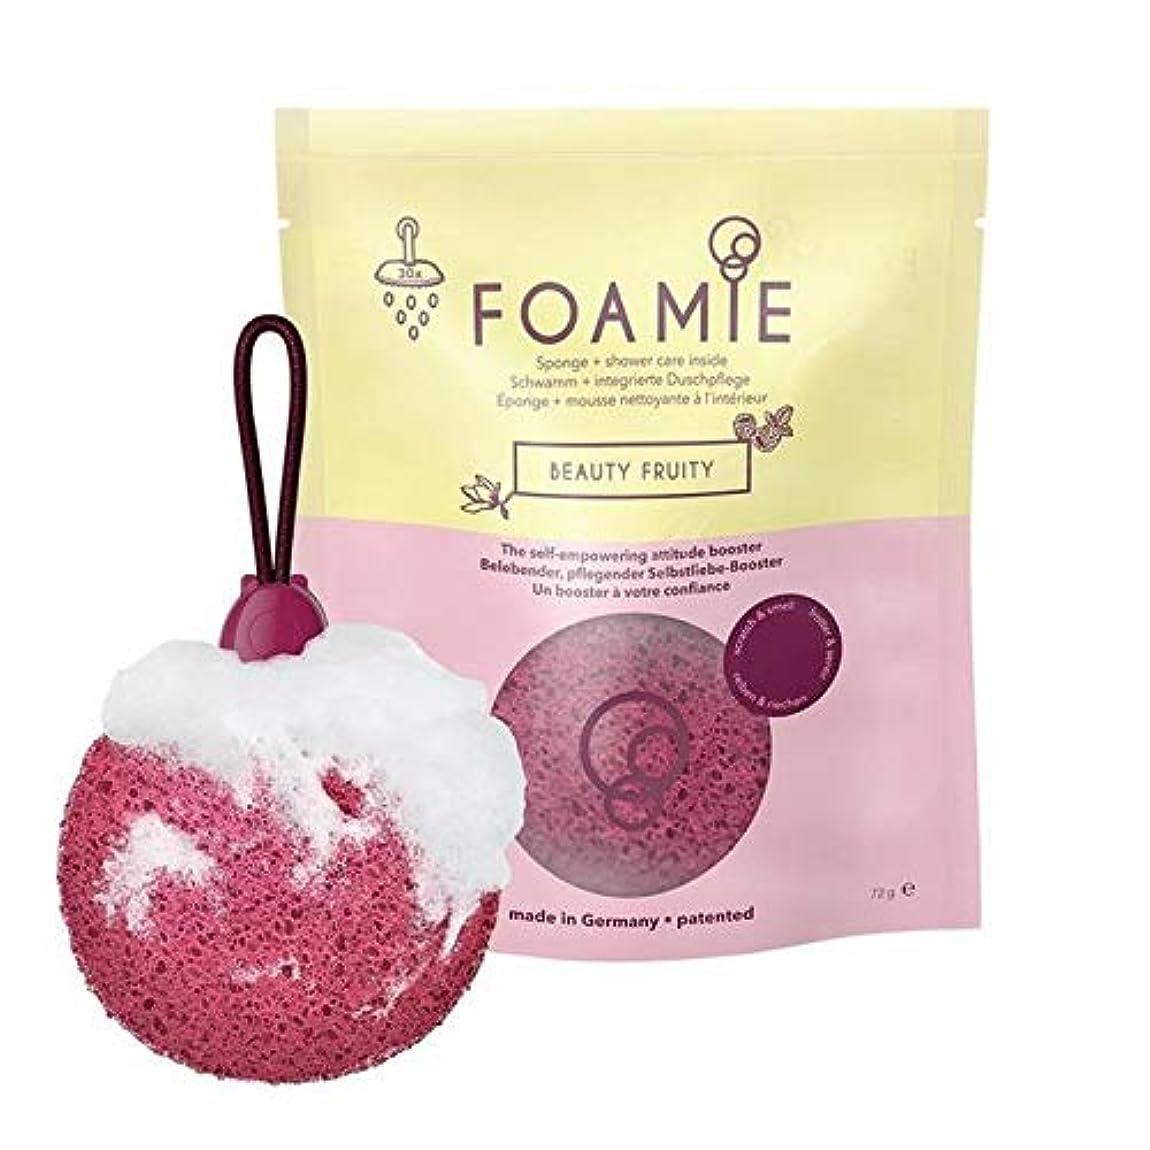 ダブルモネポータブル[Foamie] Foamieスポンジ&ボディウォッシュ、美しさのフルーティー - Foamie Sponge & Body Wash, Beauty Fruity [並行輸入品]